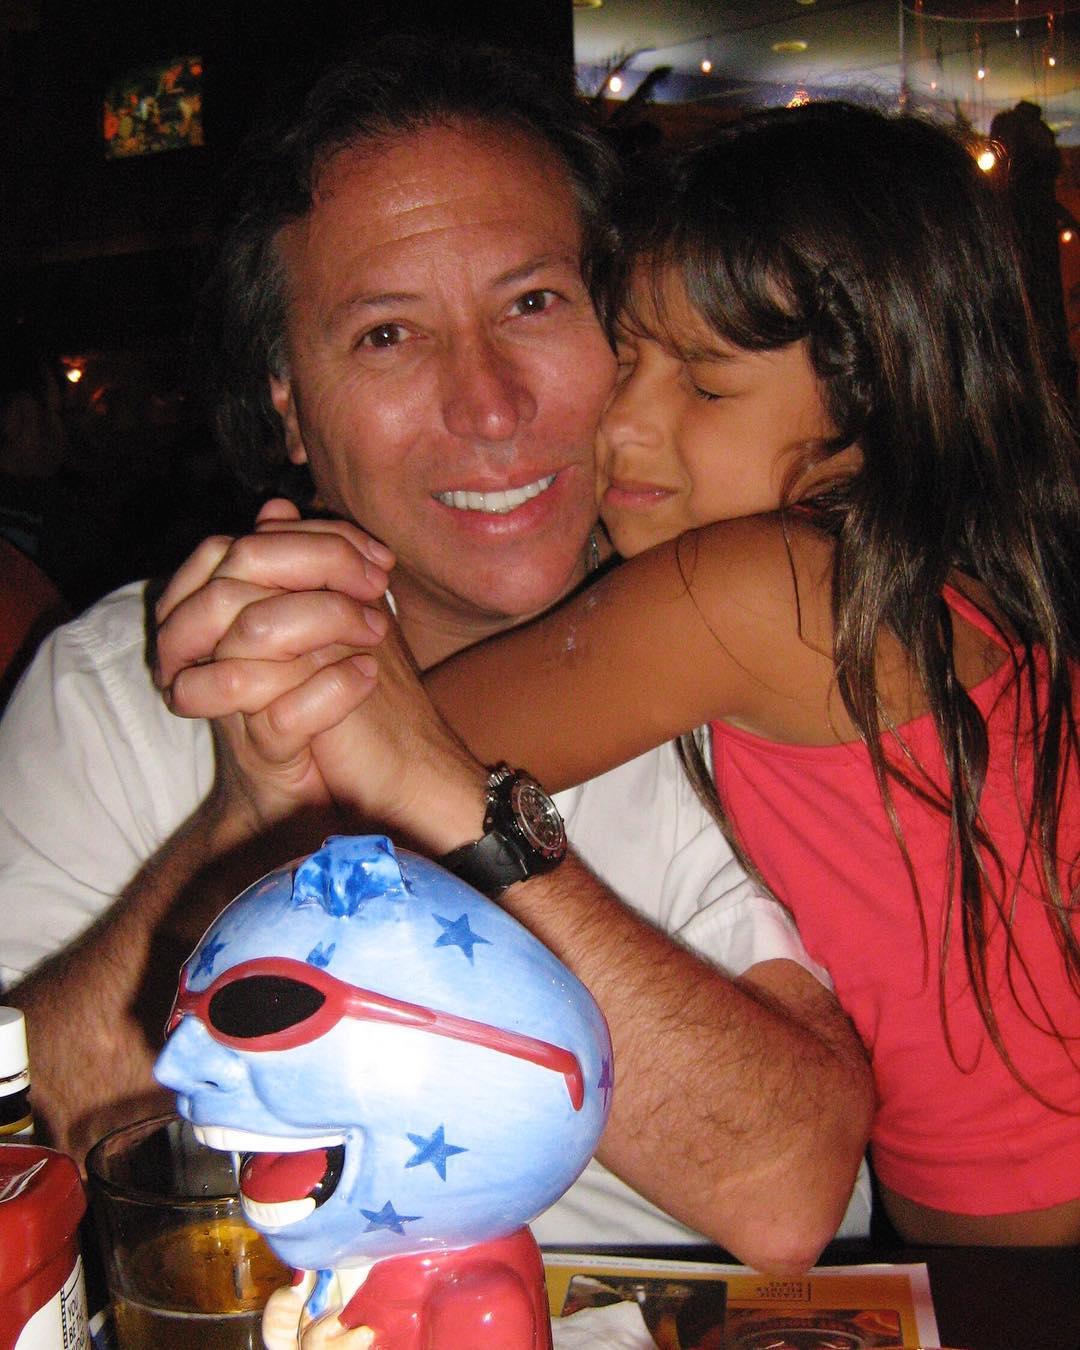 Hija de Carolina Arregui sorprende con look a lo Cardi B